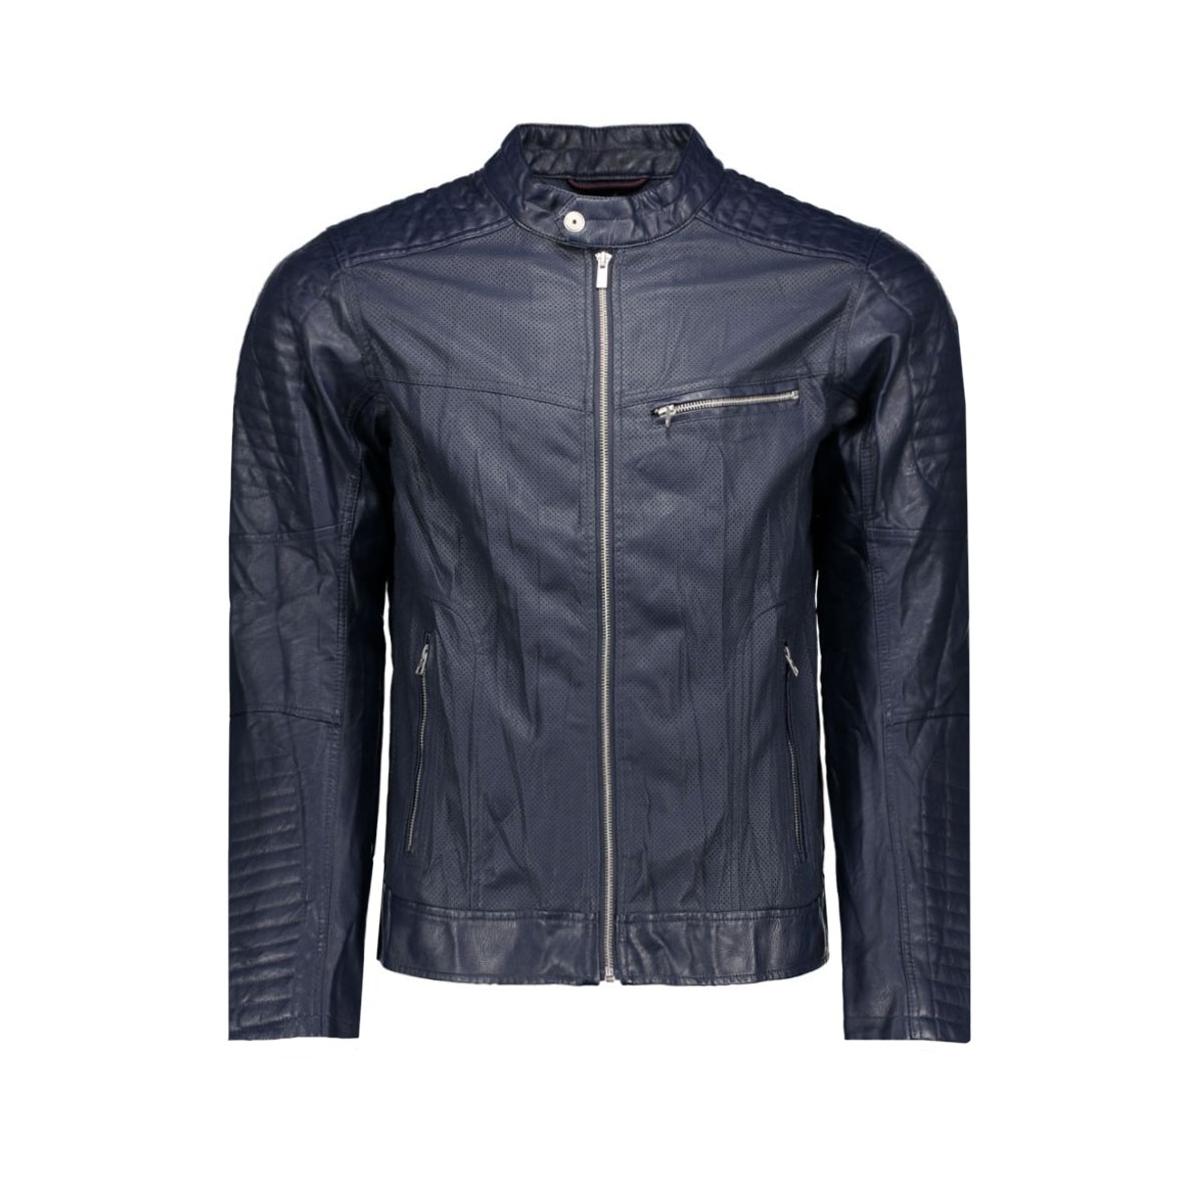 37221520112 tom tailor jas 6576